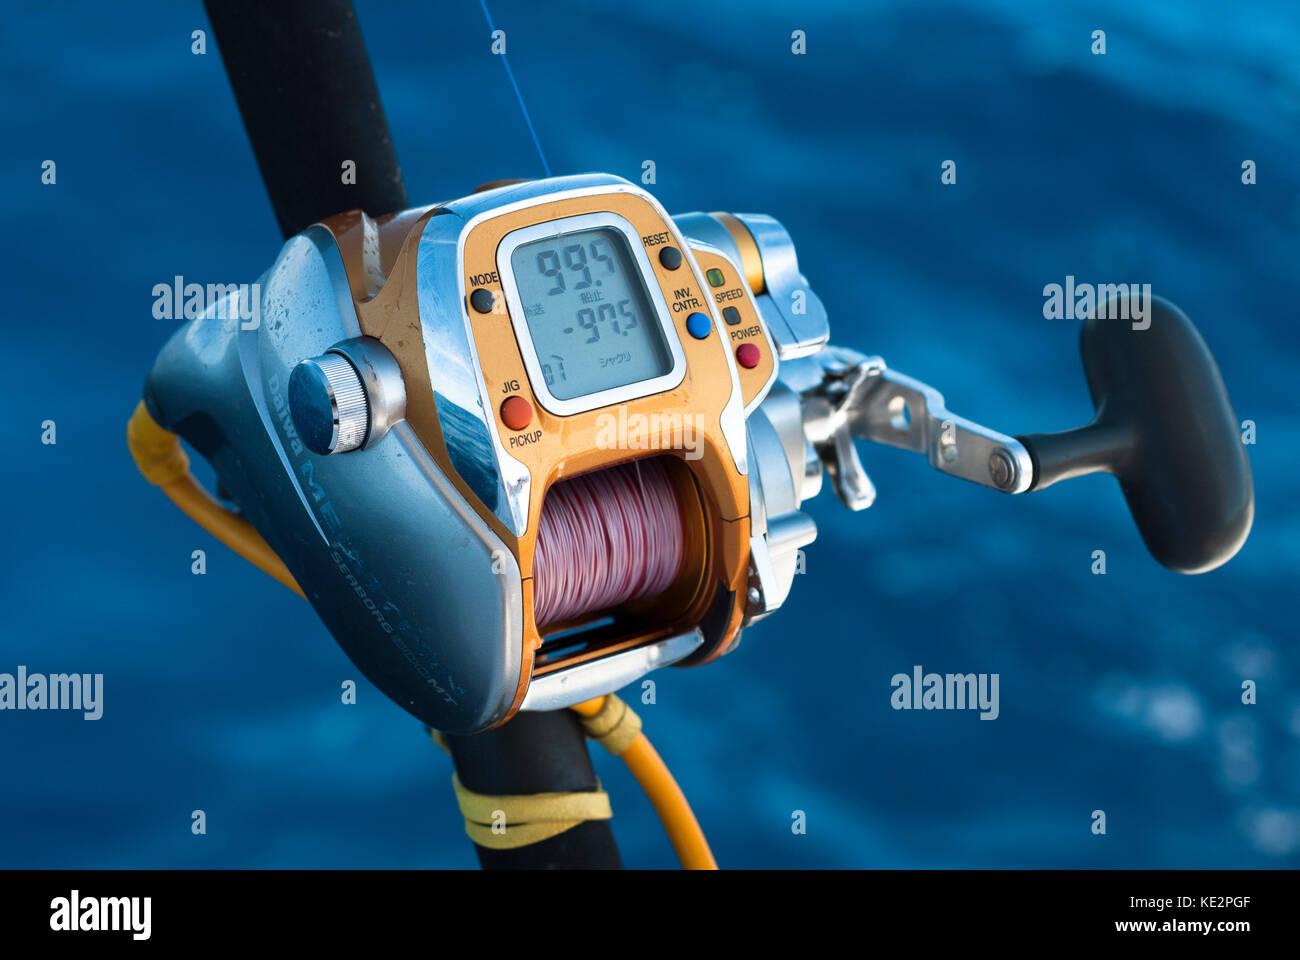 A Daiwa electric fishing reel - Stock Image